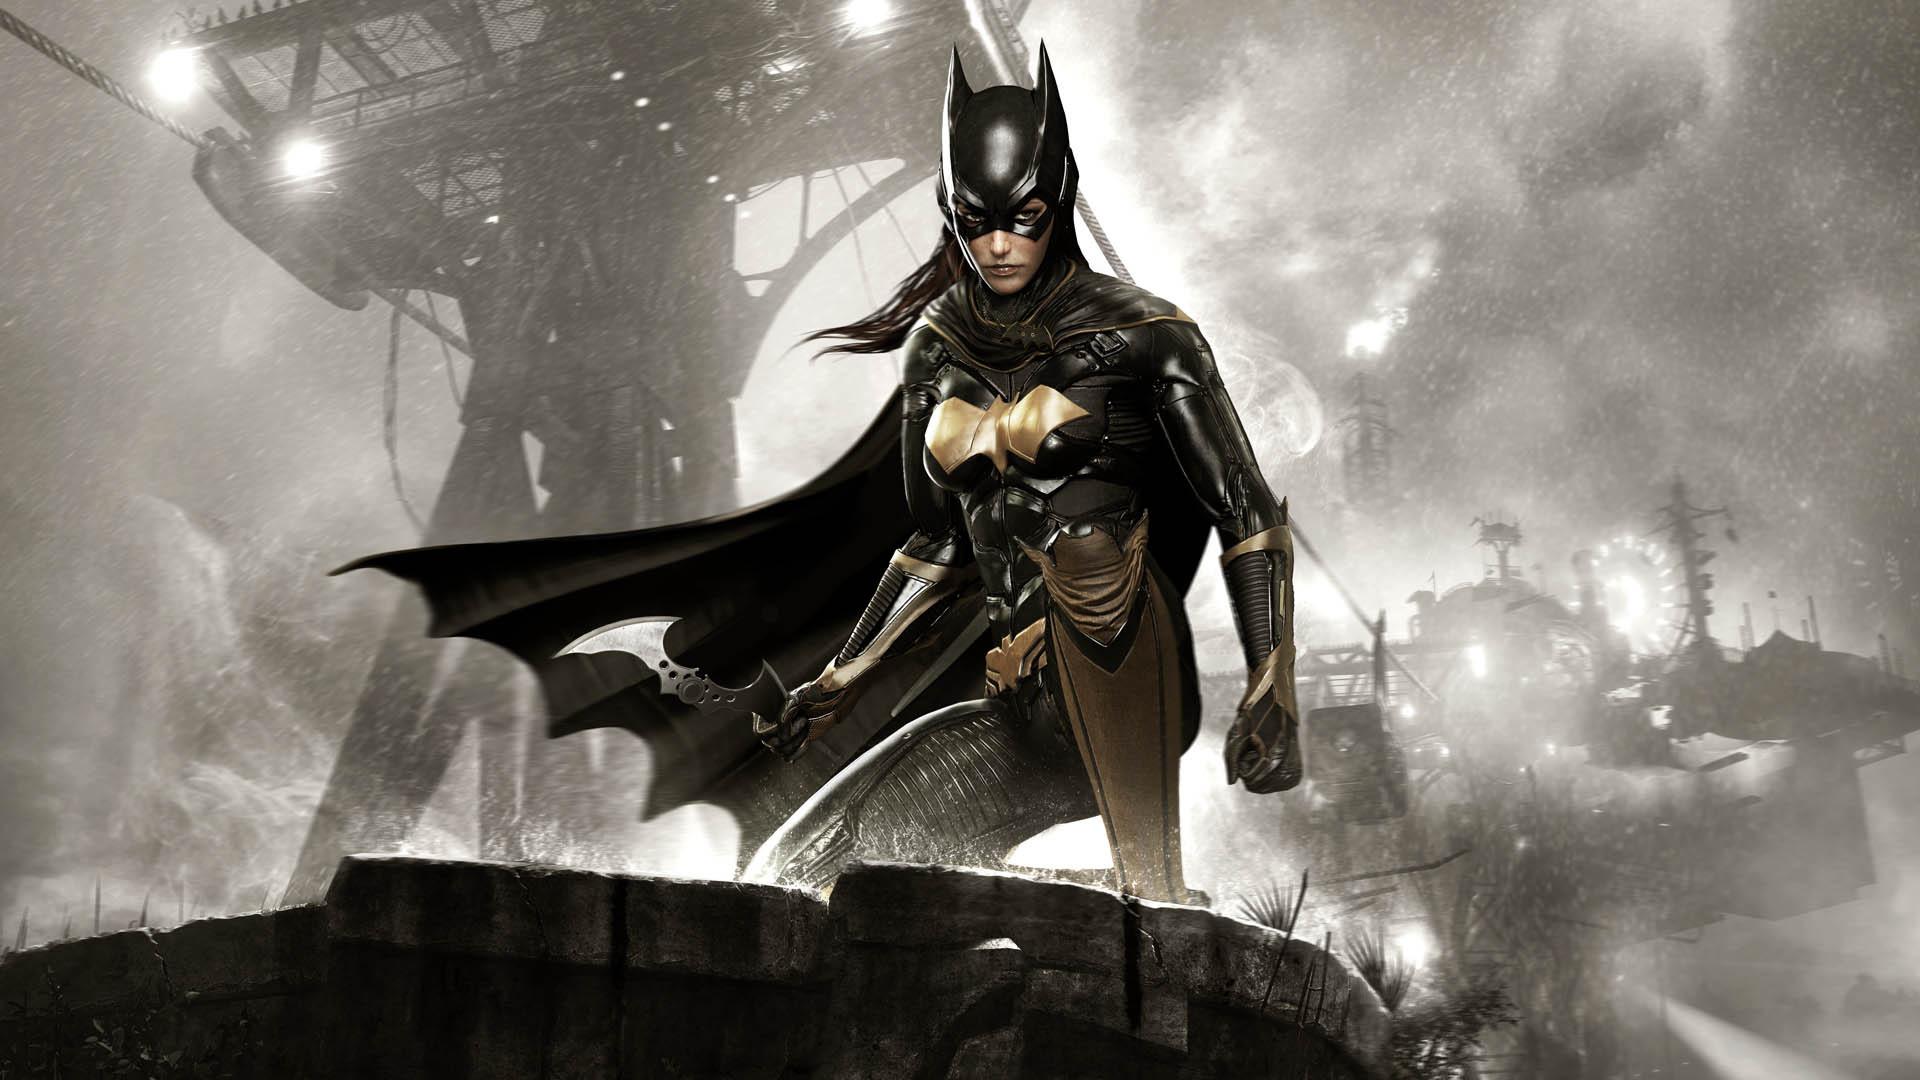 Бэтмен Arkham рыцарь batgirl обои скачать